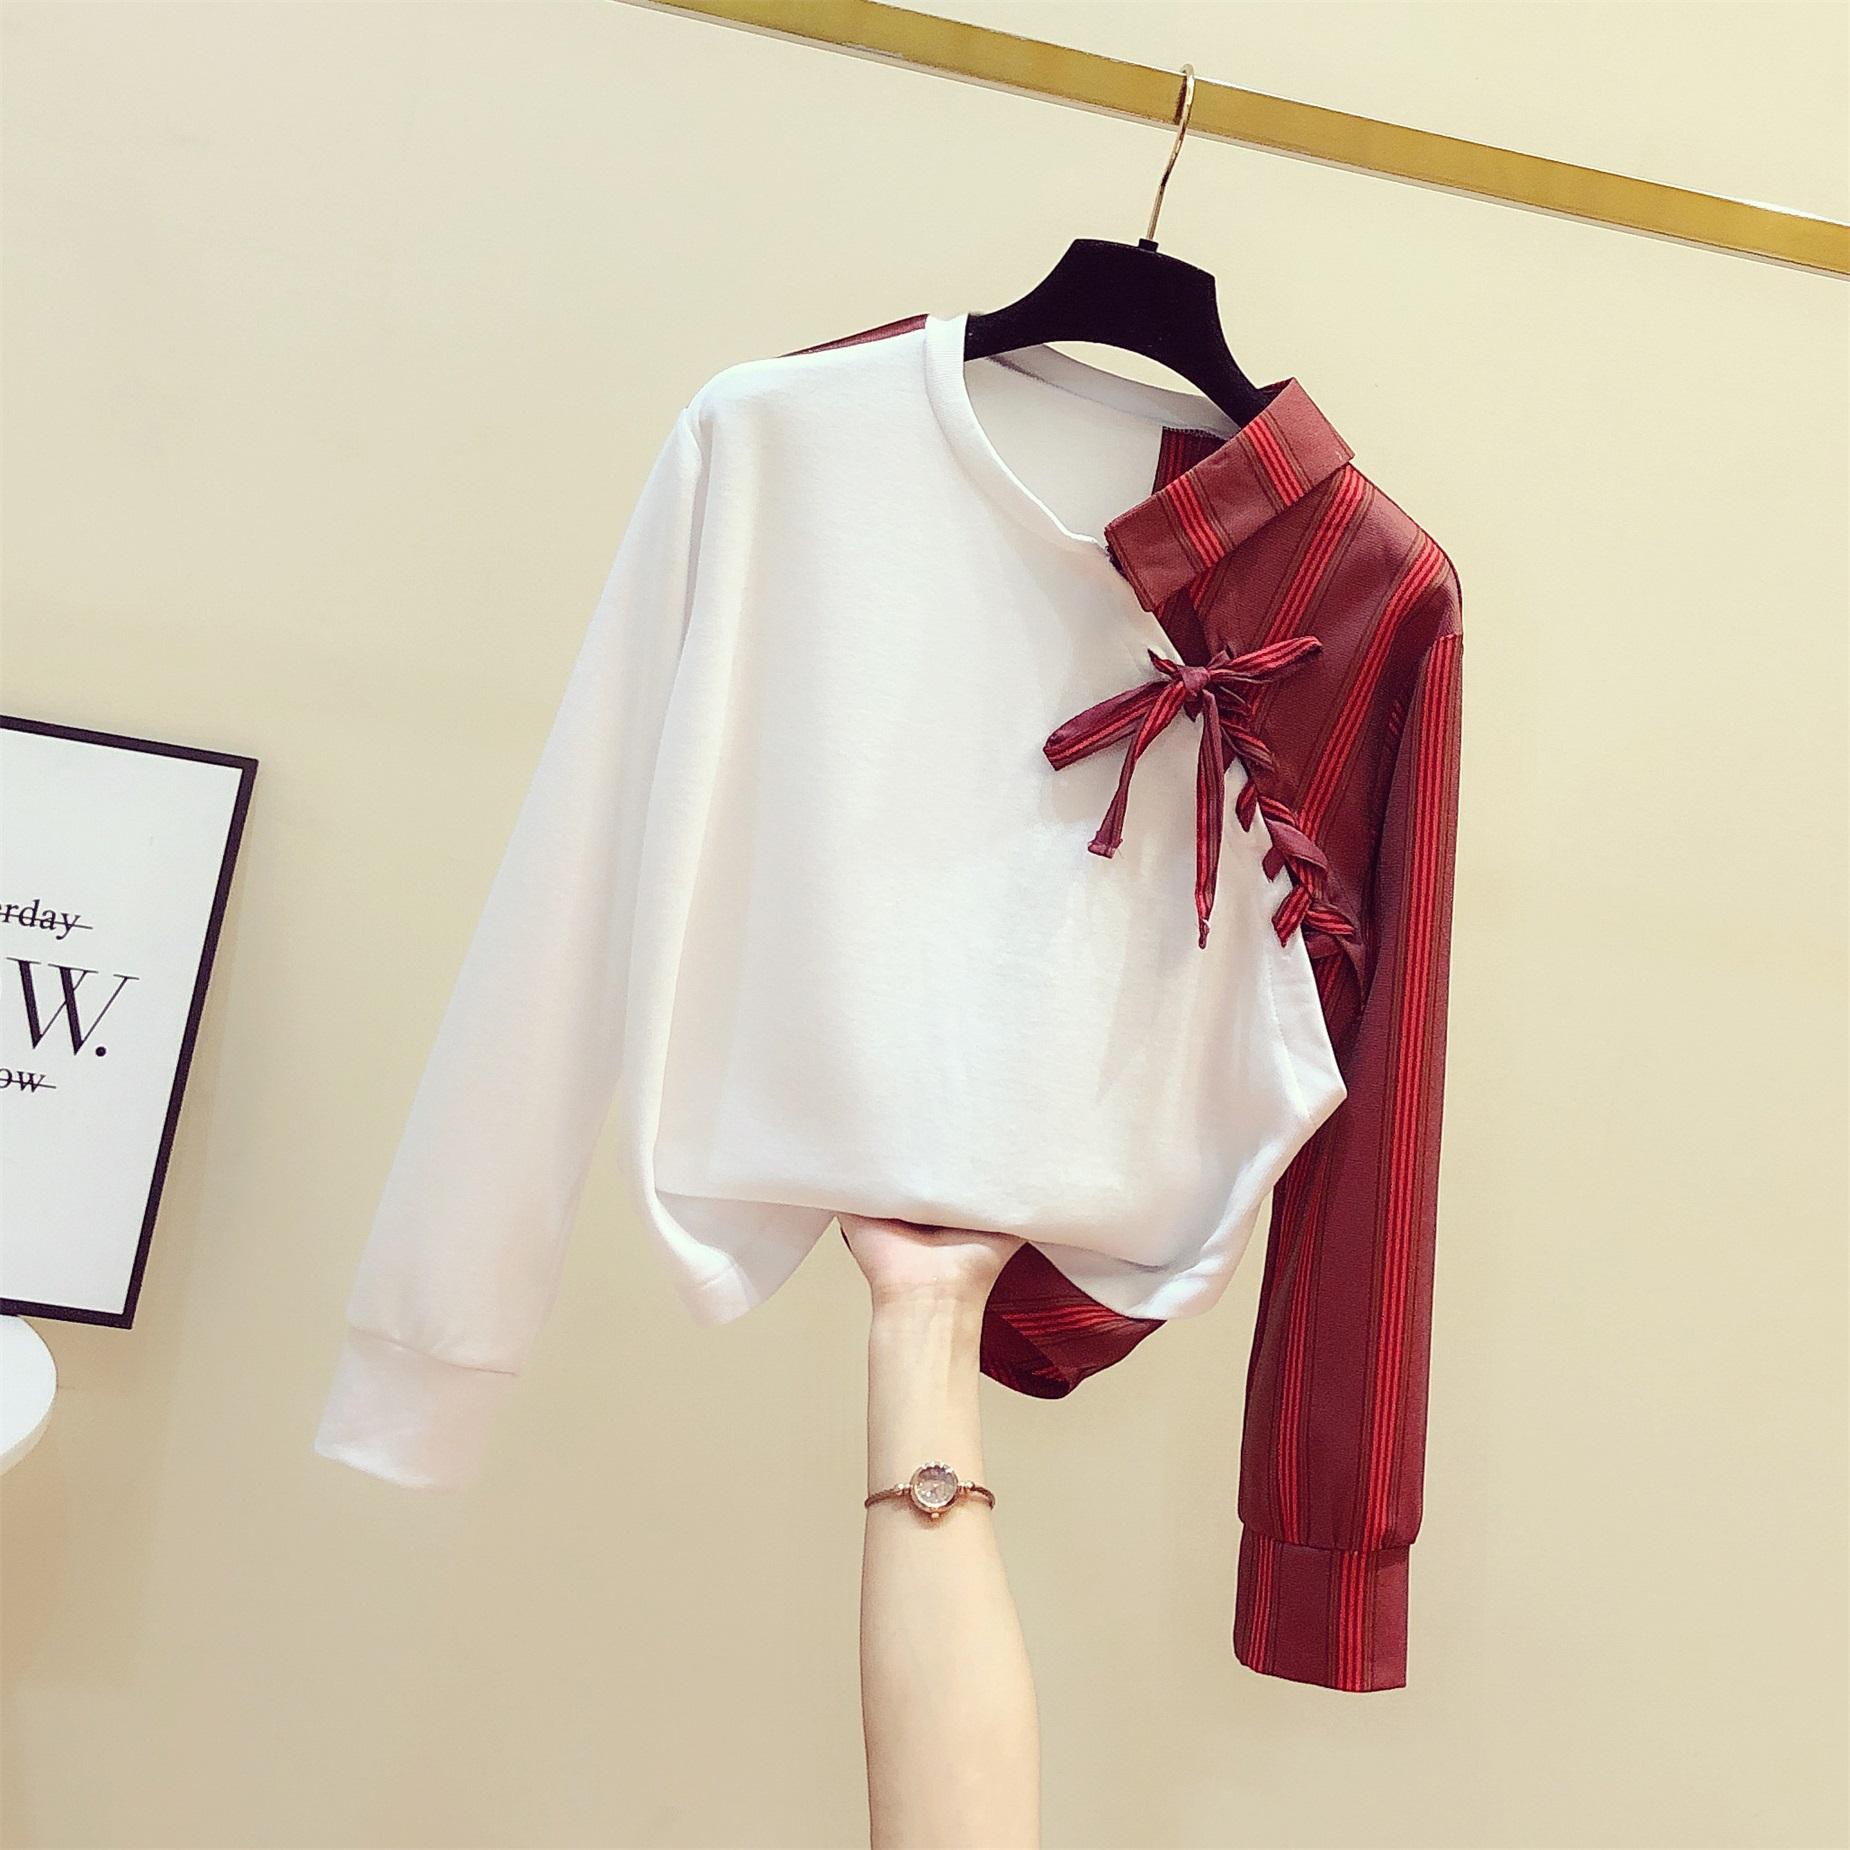 长袖女衬衫 假两件卫衣女2020春装新款韩版拼接不规则条纹衬衫休闲长袖上衣潮_推荐淘宝好看的女长袖女衬衫